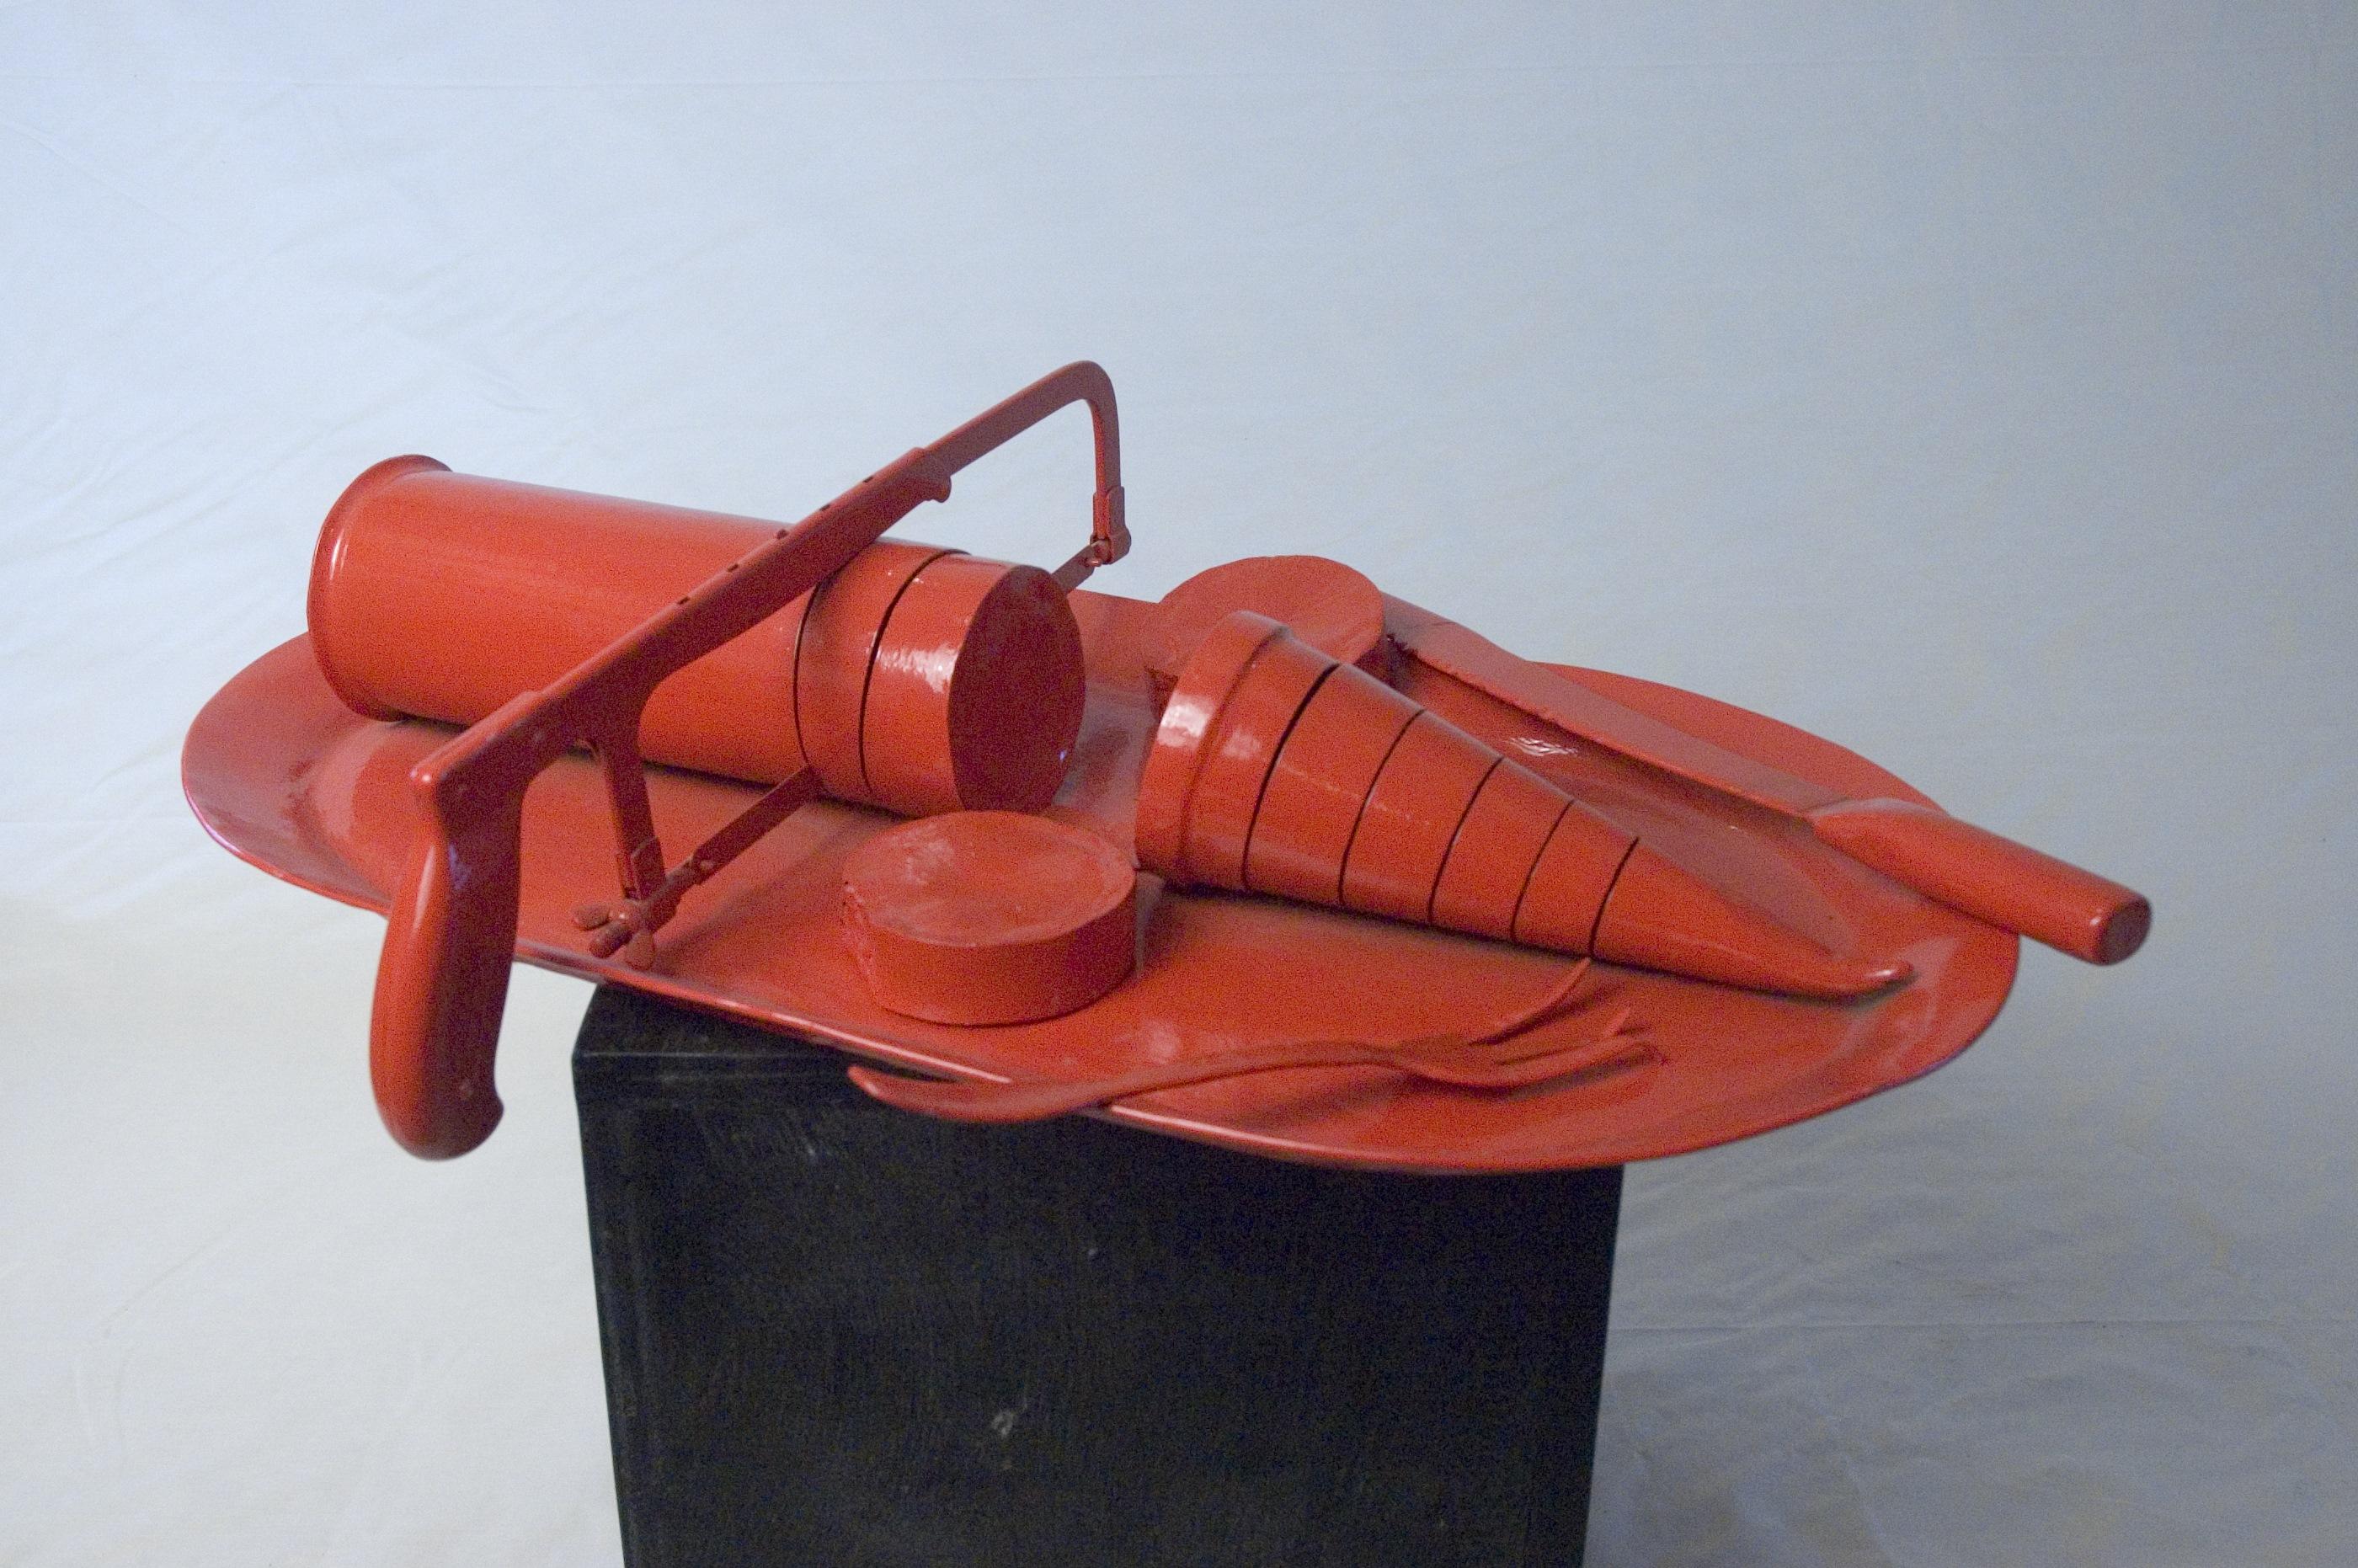 Poached Artillerie